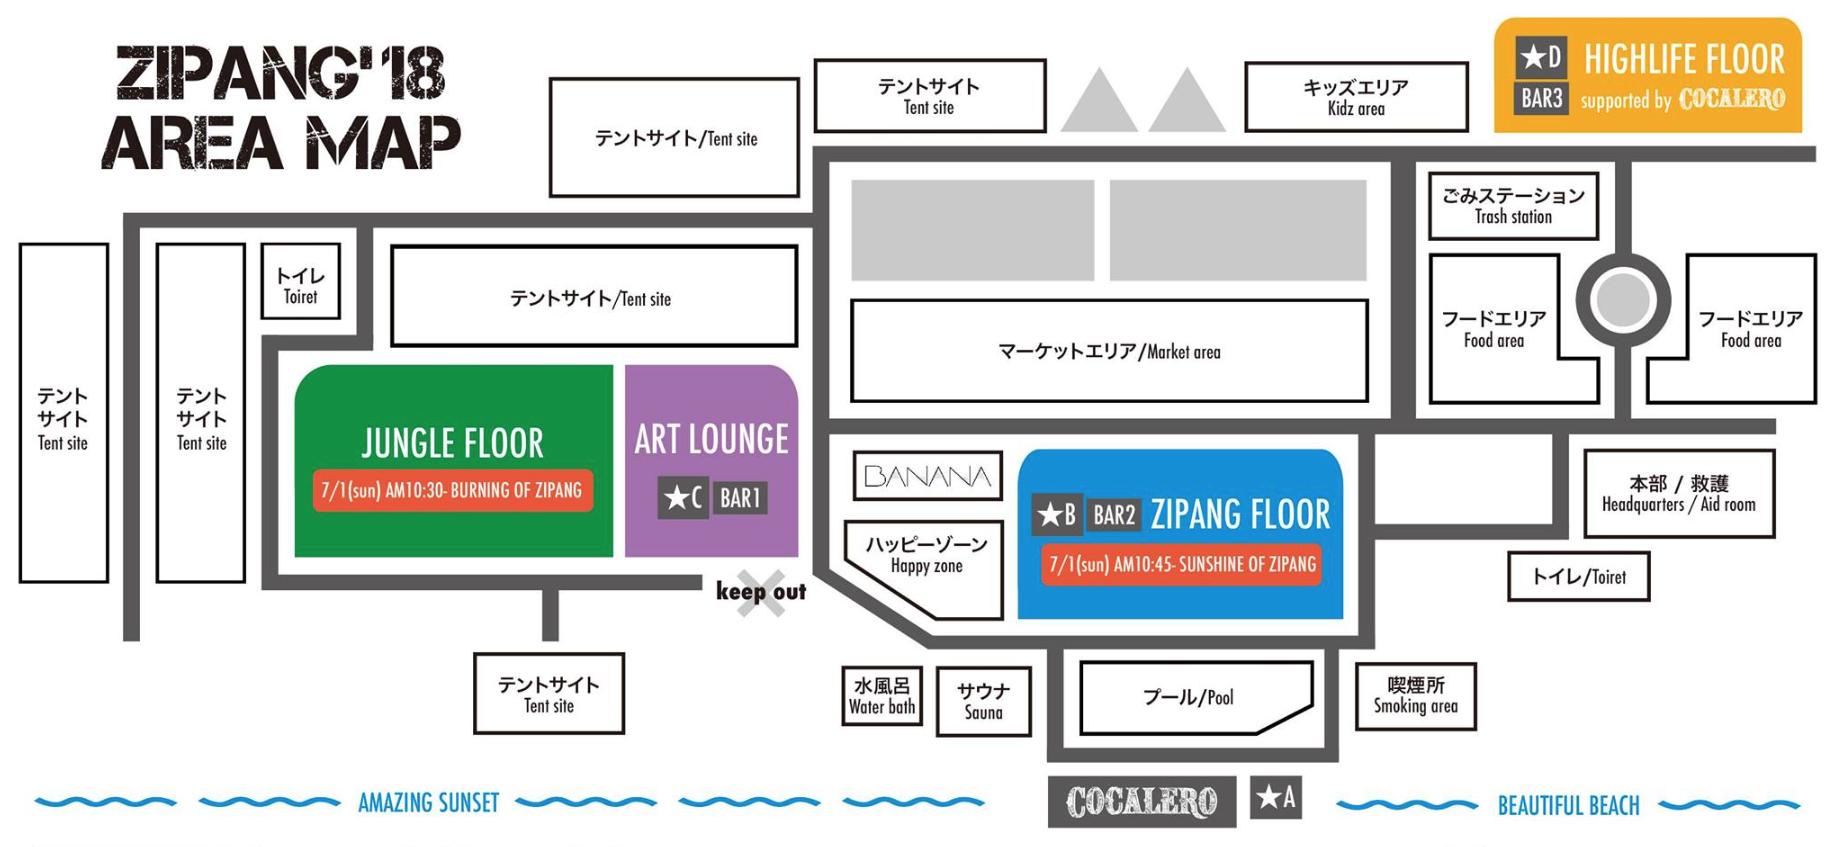 ZIPANG会場MAP